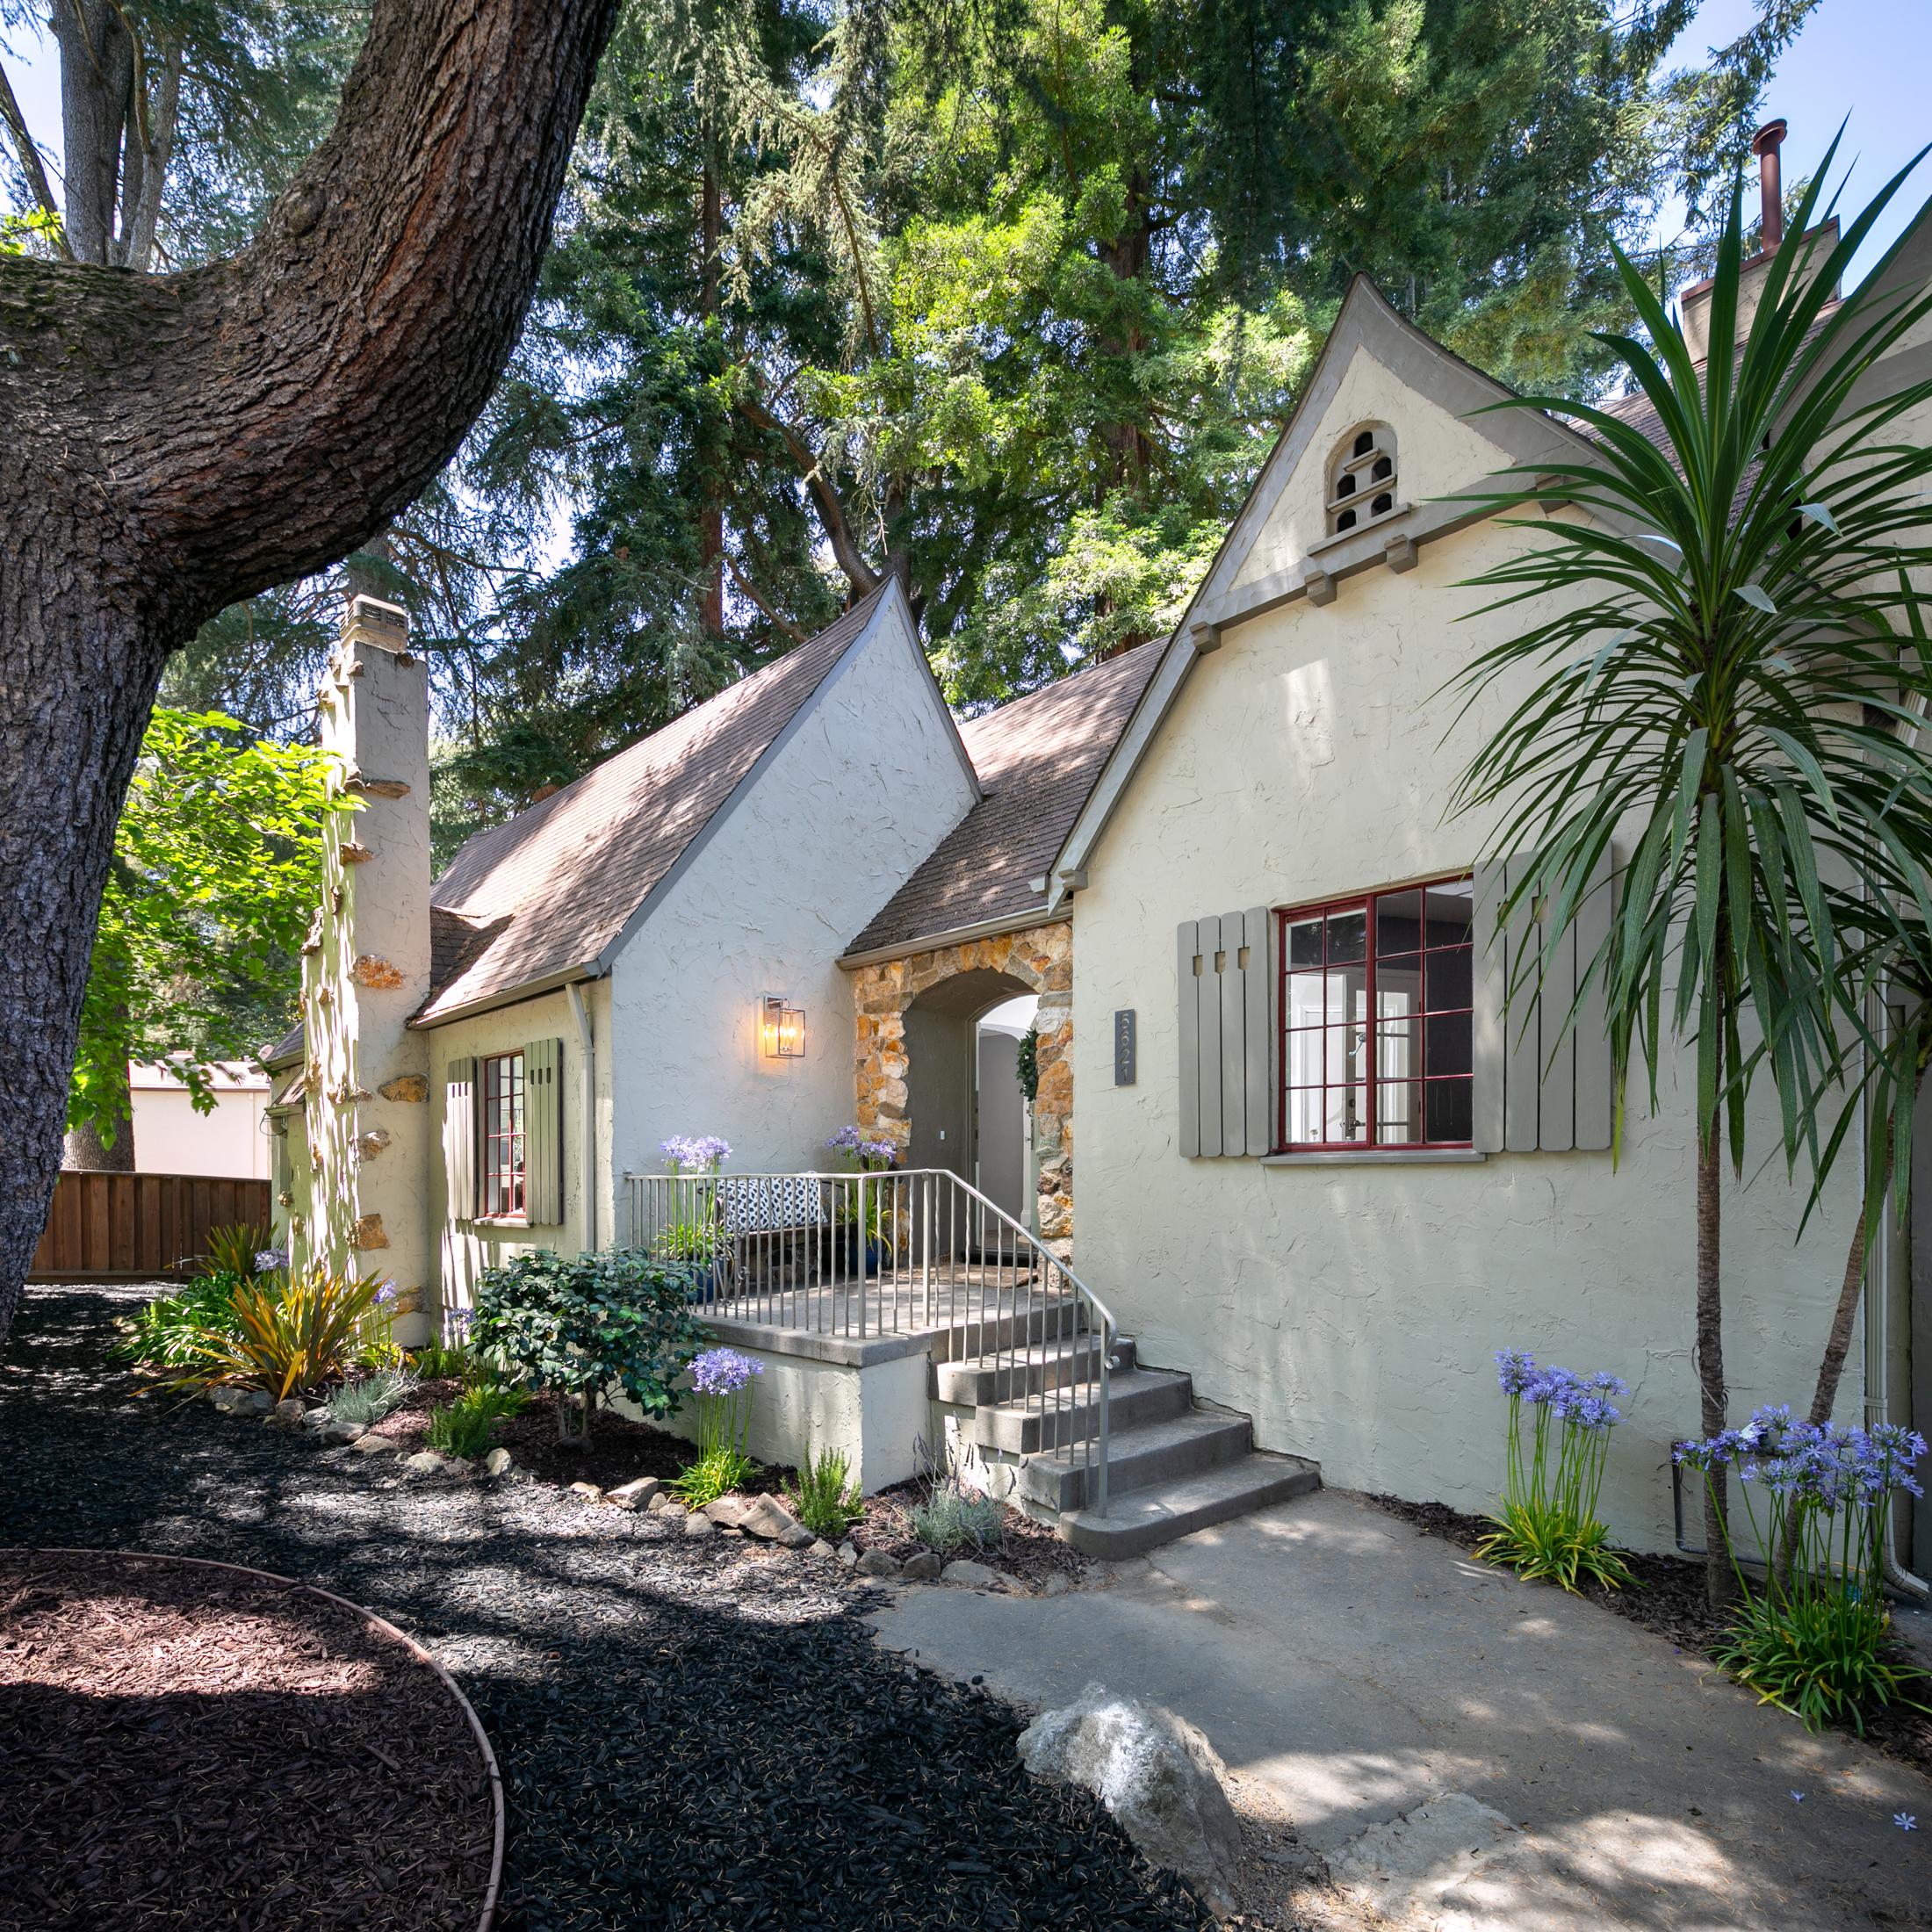 Montclair, Oakland CA 94611 Tudor House for Sale